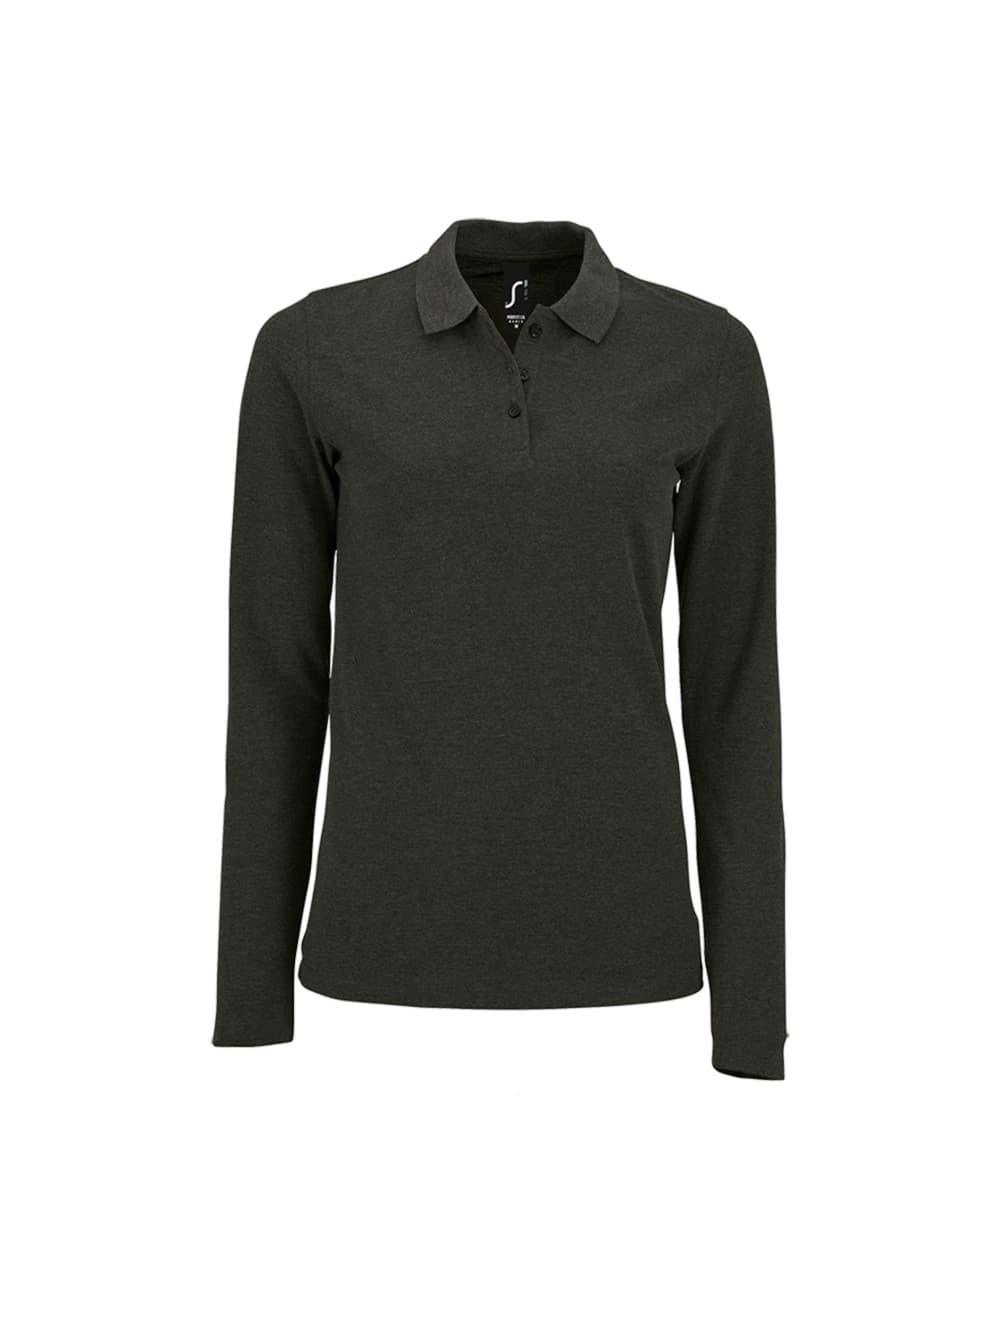 93b7d7e57b69 Рубашка поло женская с длинным рукавом PERFECT LSL WOMEN, черный меланж